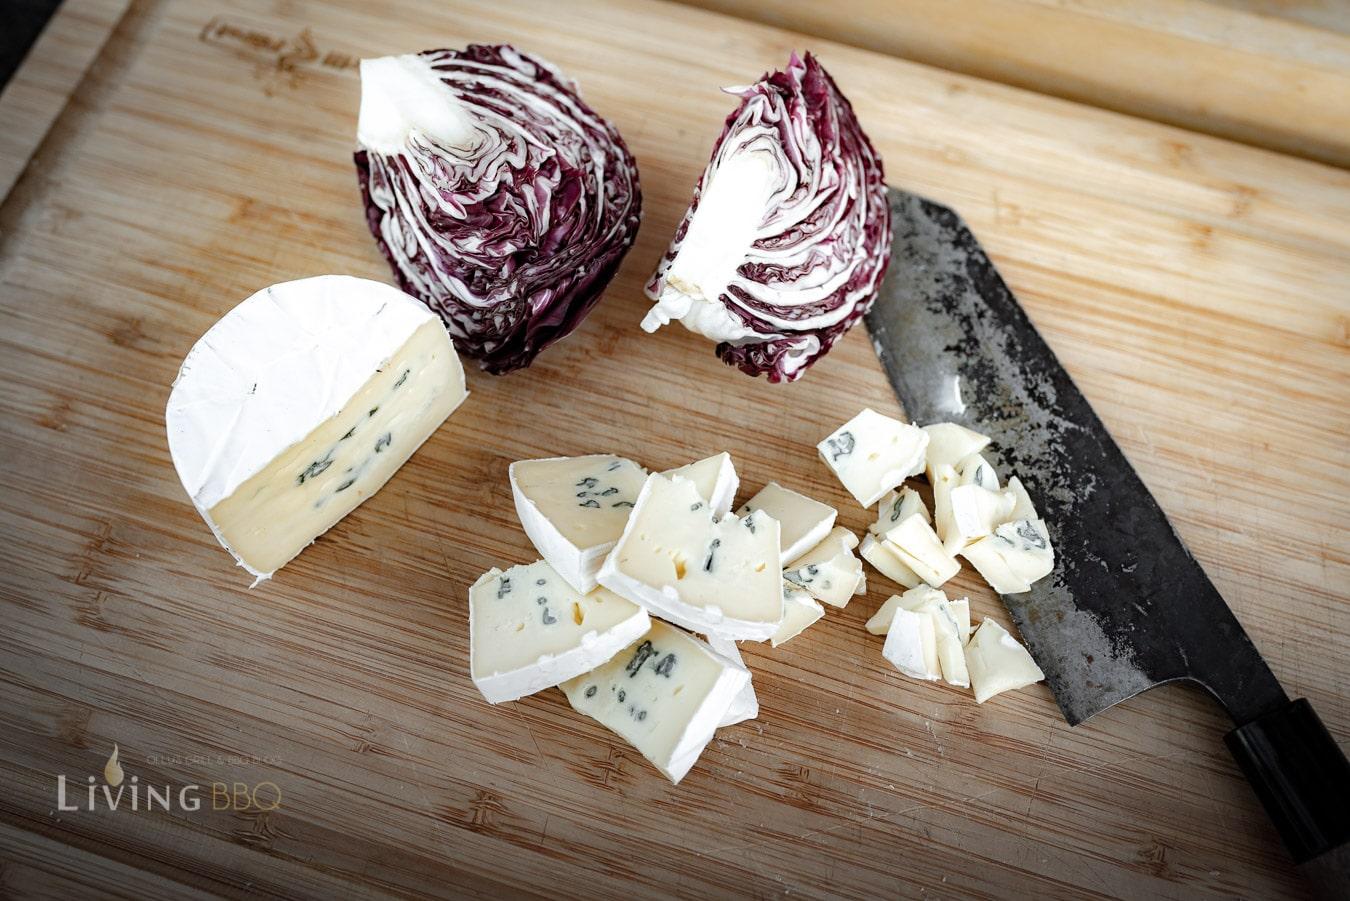 Salat und Käse vorbereiten